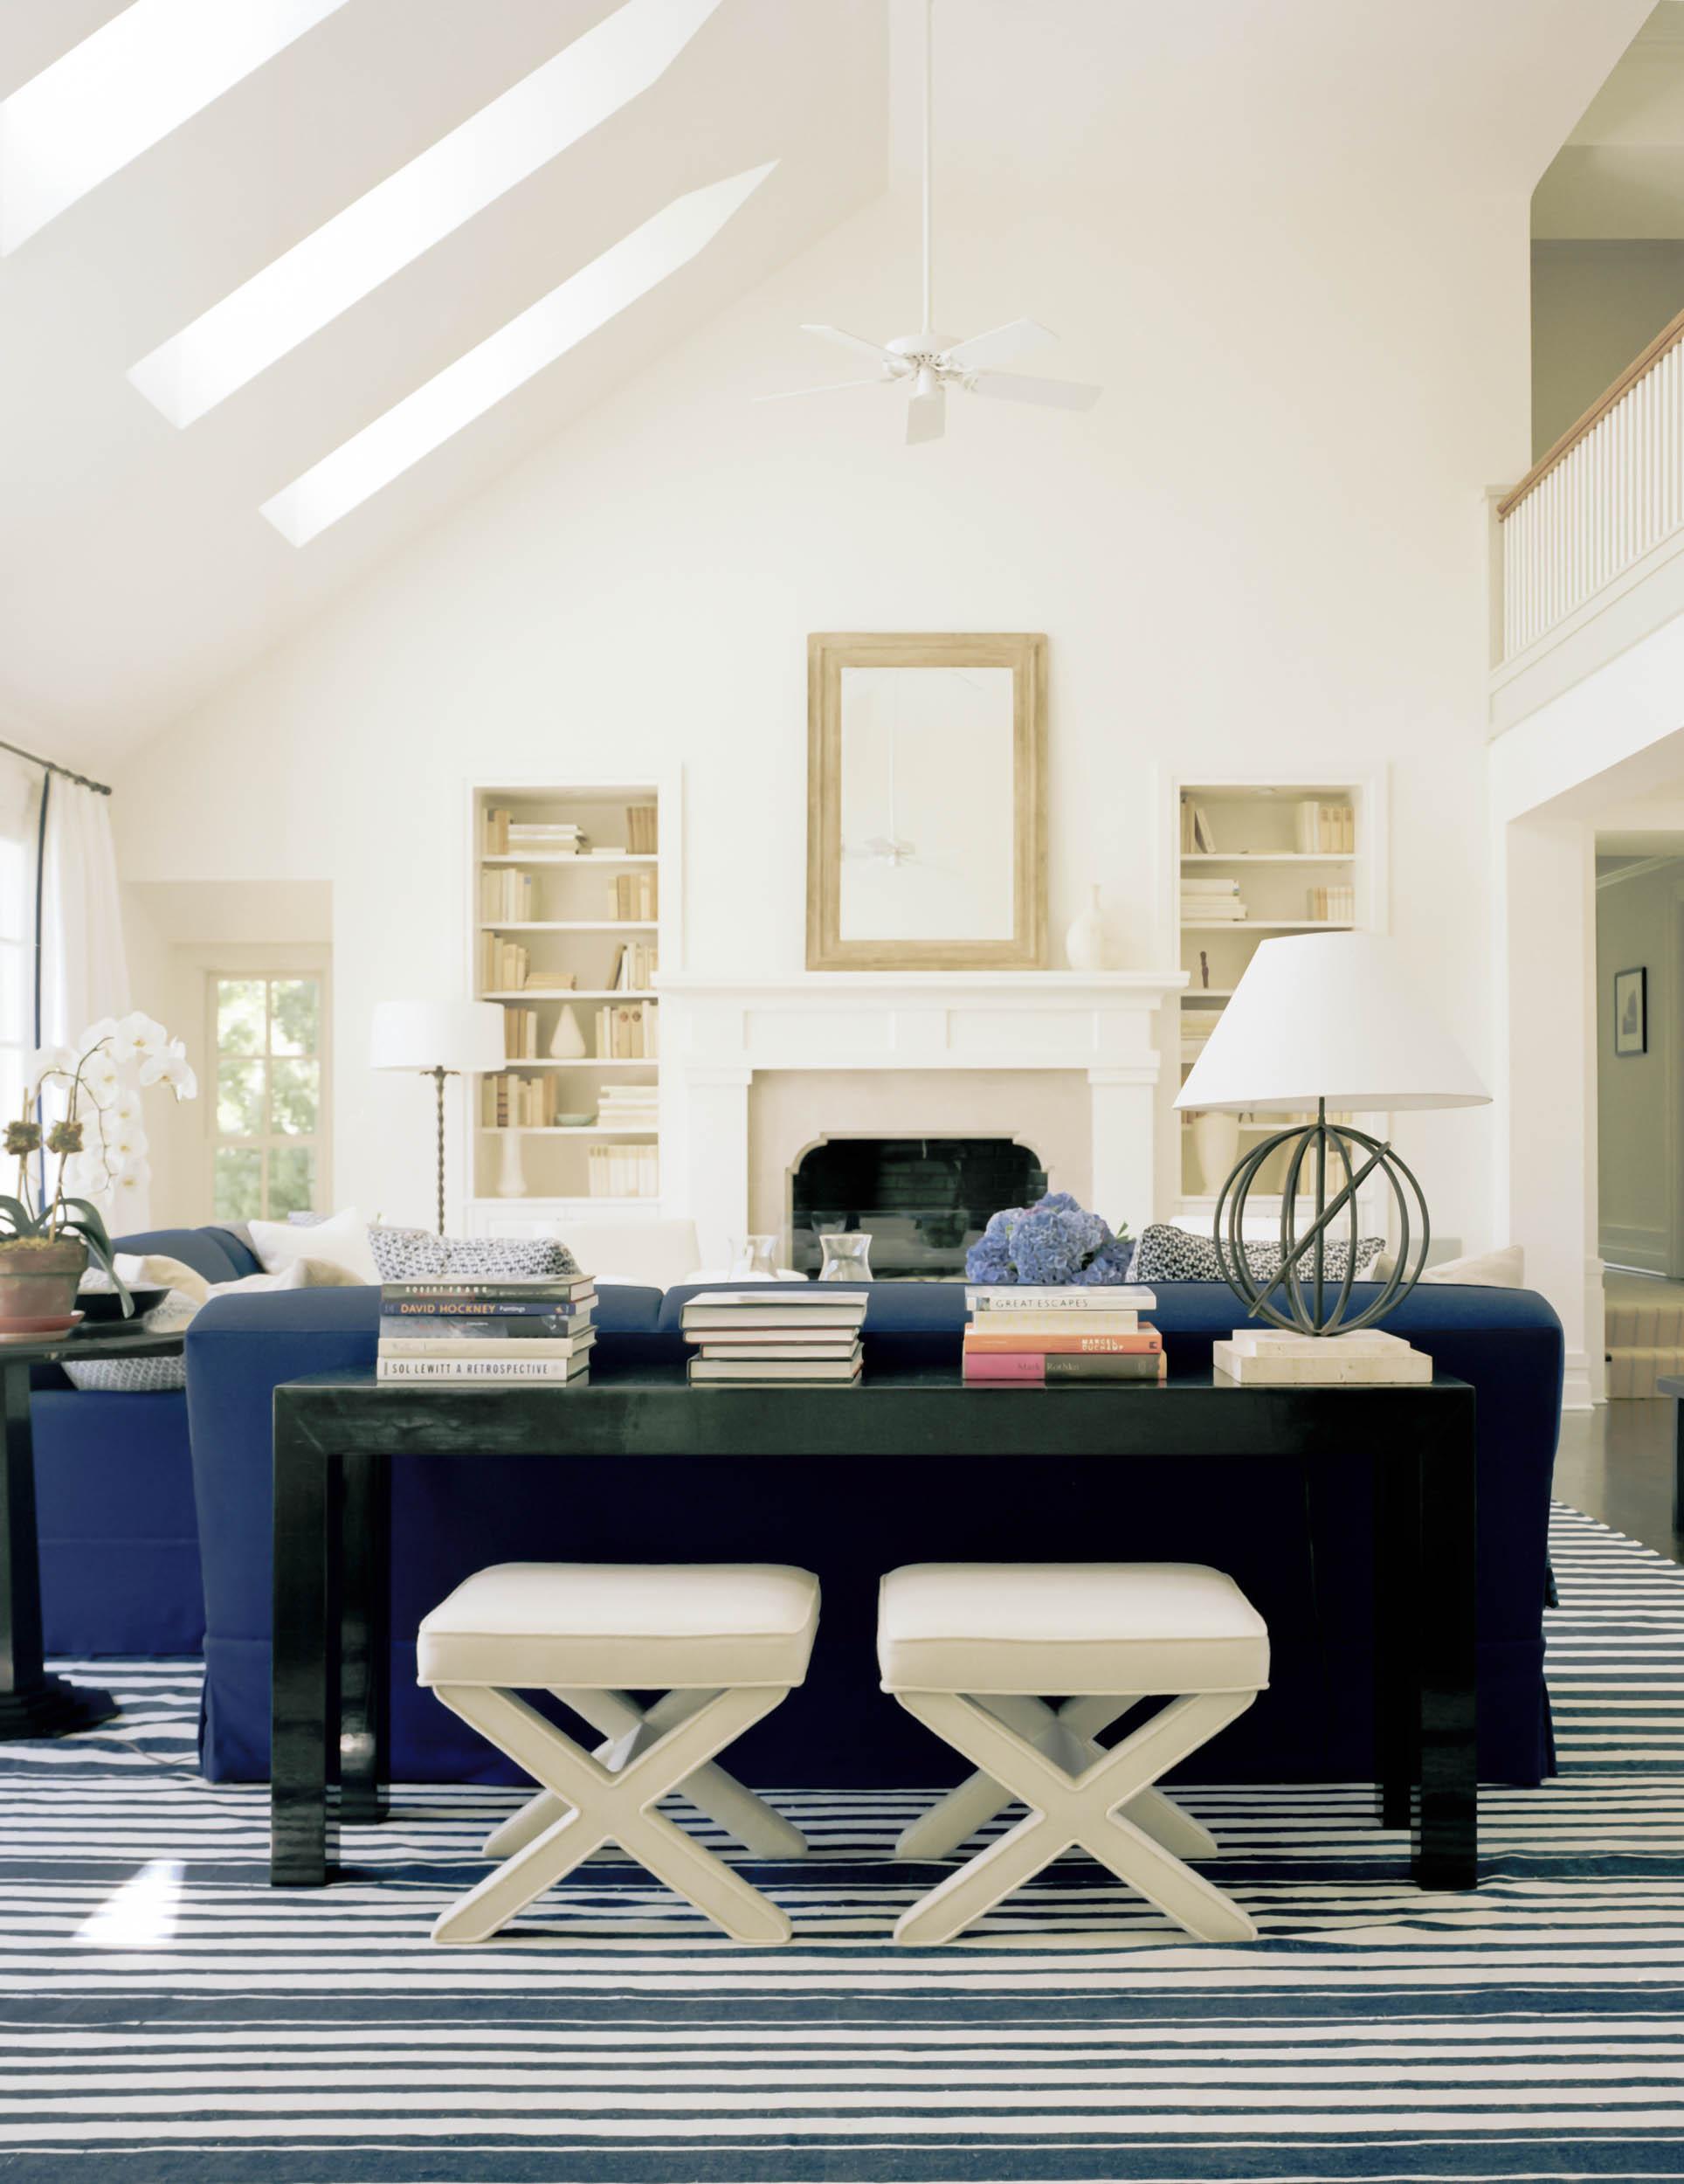 Designer - Victoria Hagan, East Hampton, N.Y.